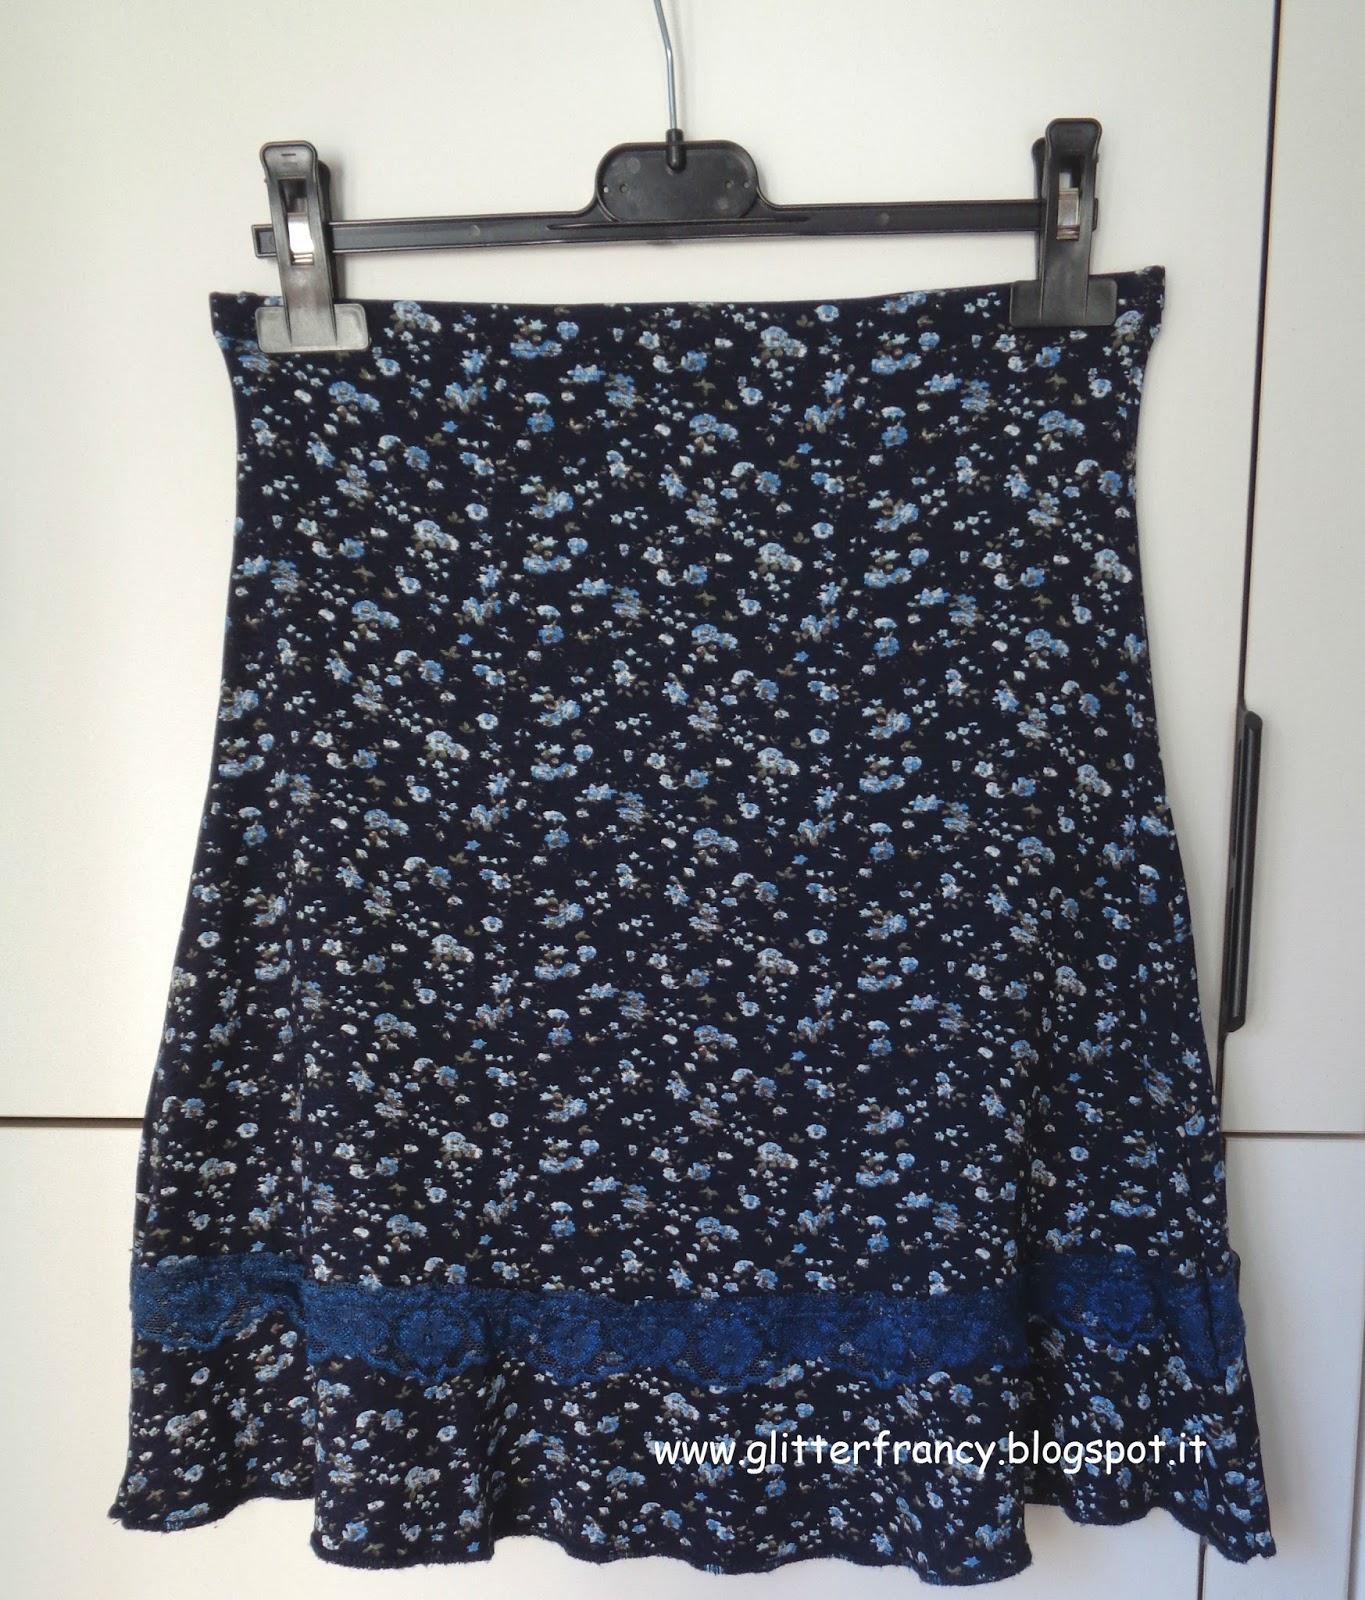 #1 Trasformare un vestito in una gonna